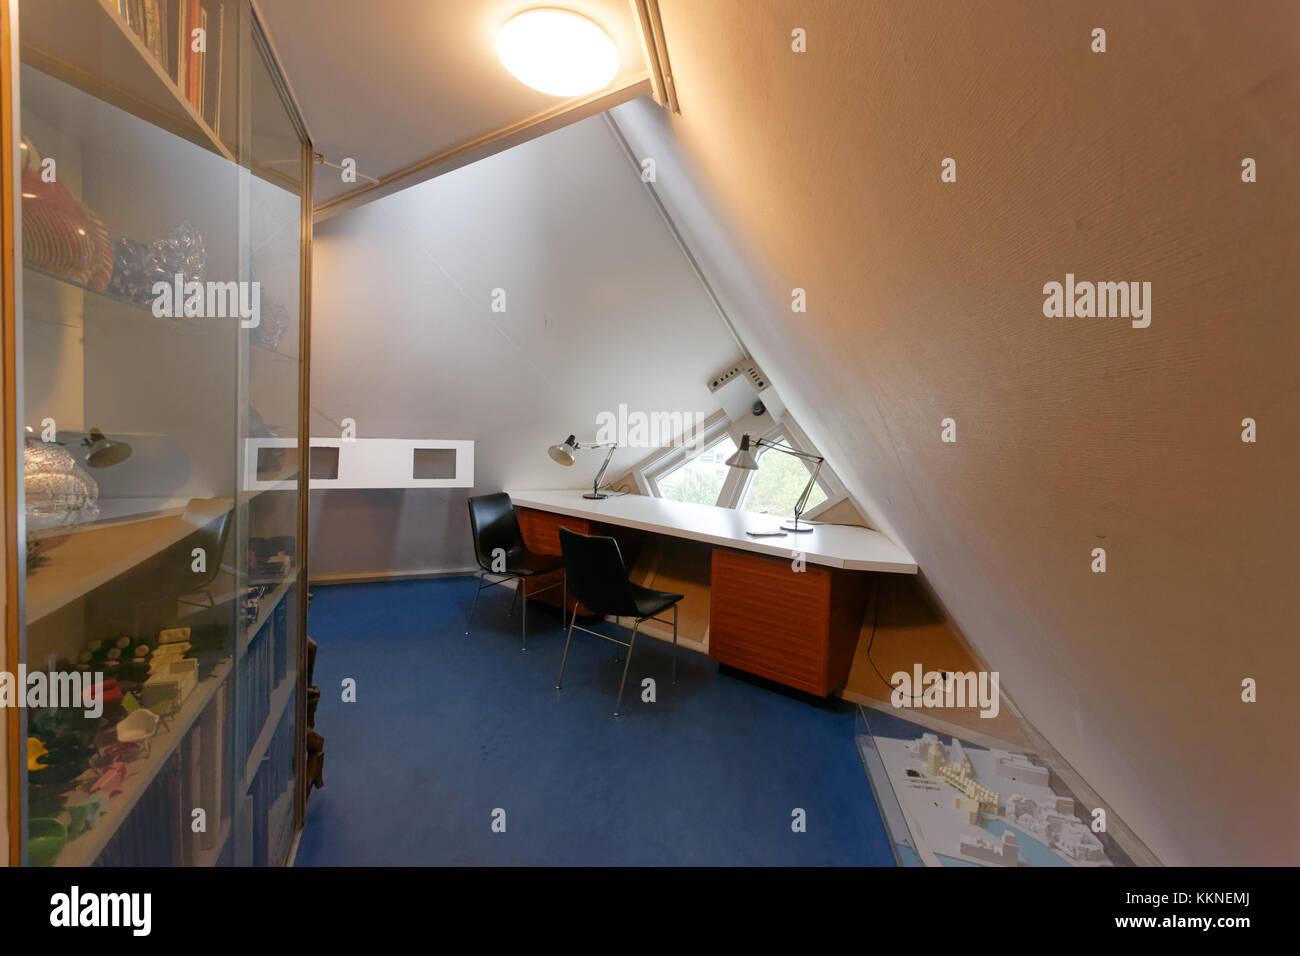 Innere des Kubus Häuser, Rotterdam Stockfoto, Bild: 167044322 - Alamy